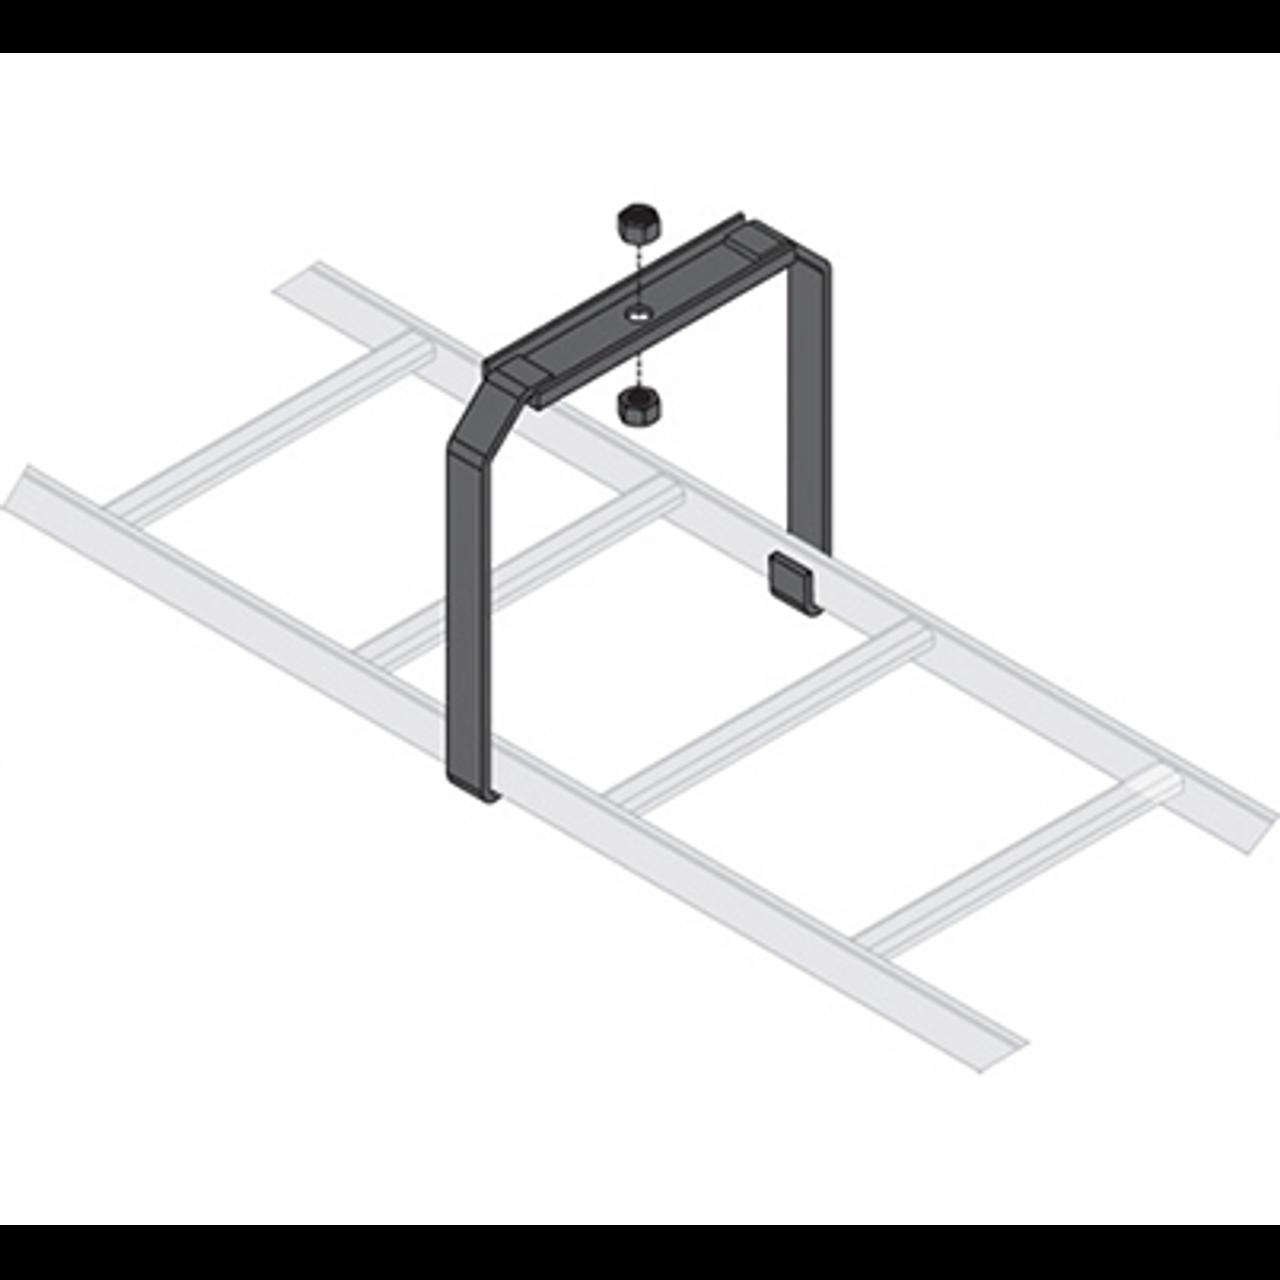 Ladder Rack Brackets Ceiling Mount Kit Rackmount Solutions